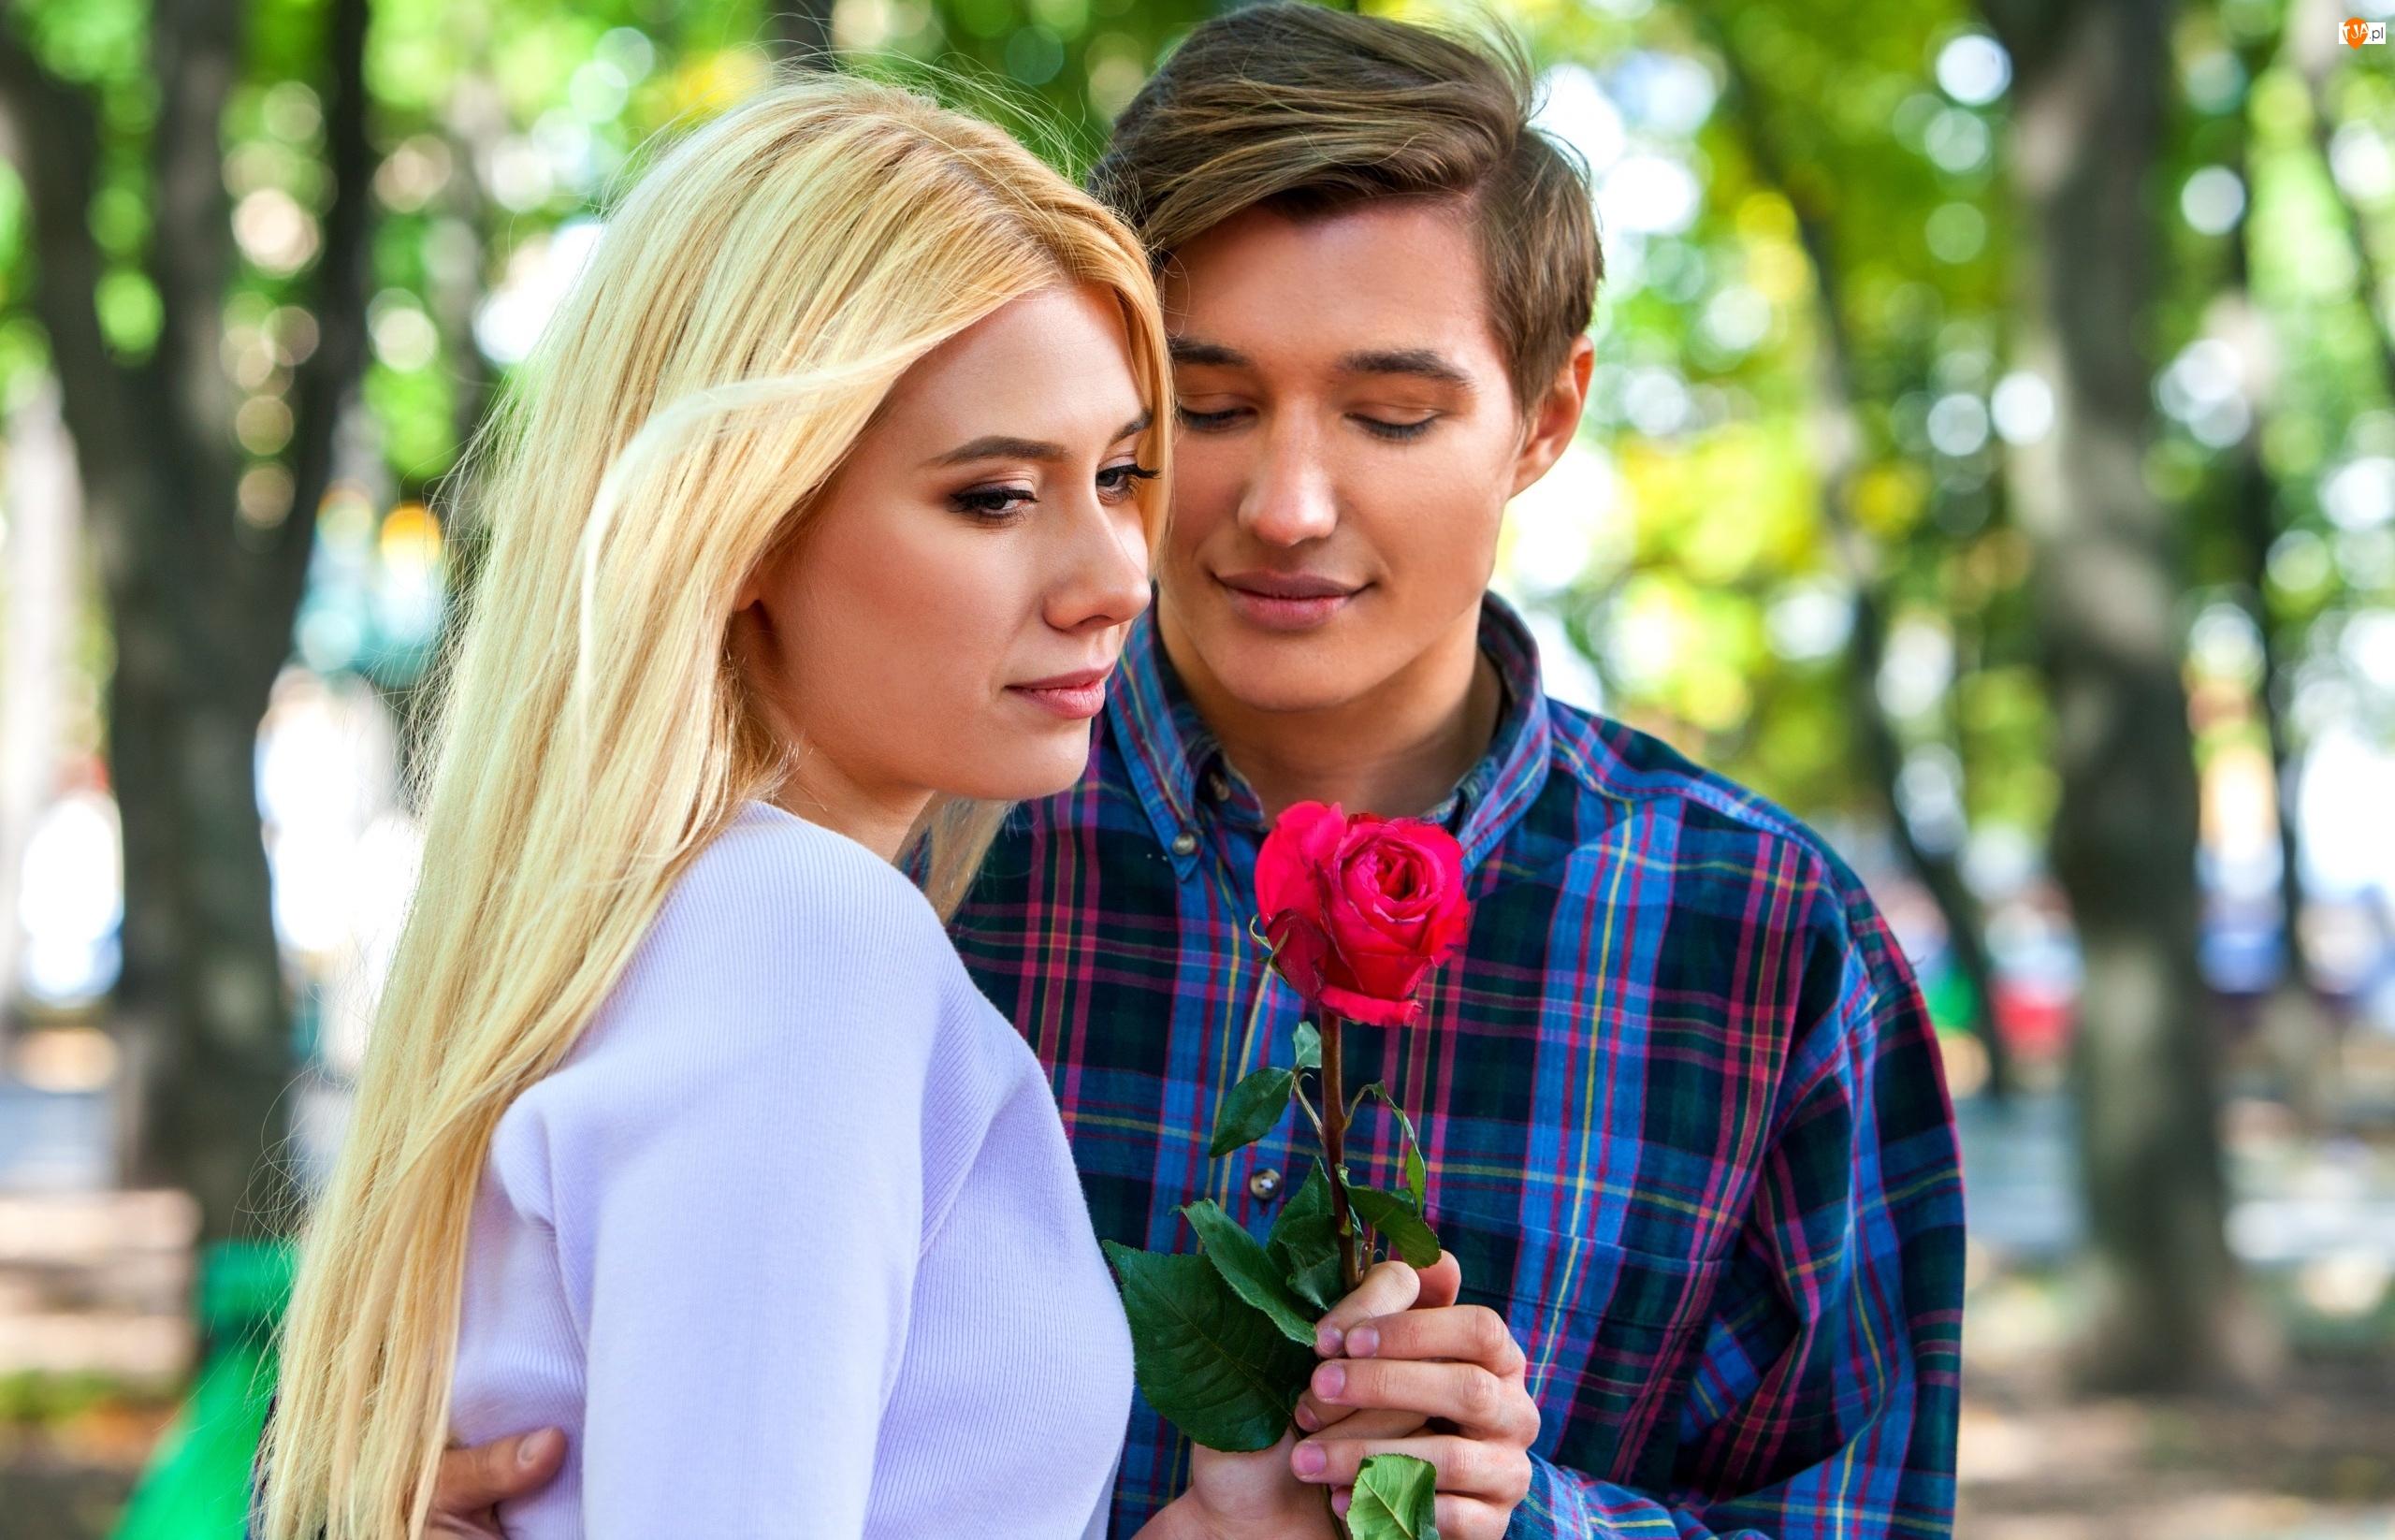 Para, Róża, Mężczyzna, Kobieta, Zakochani